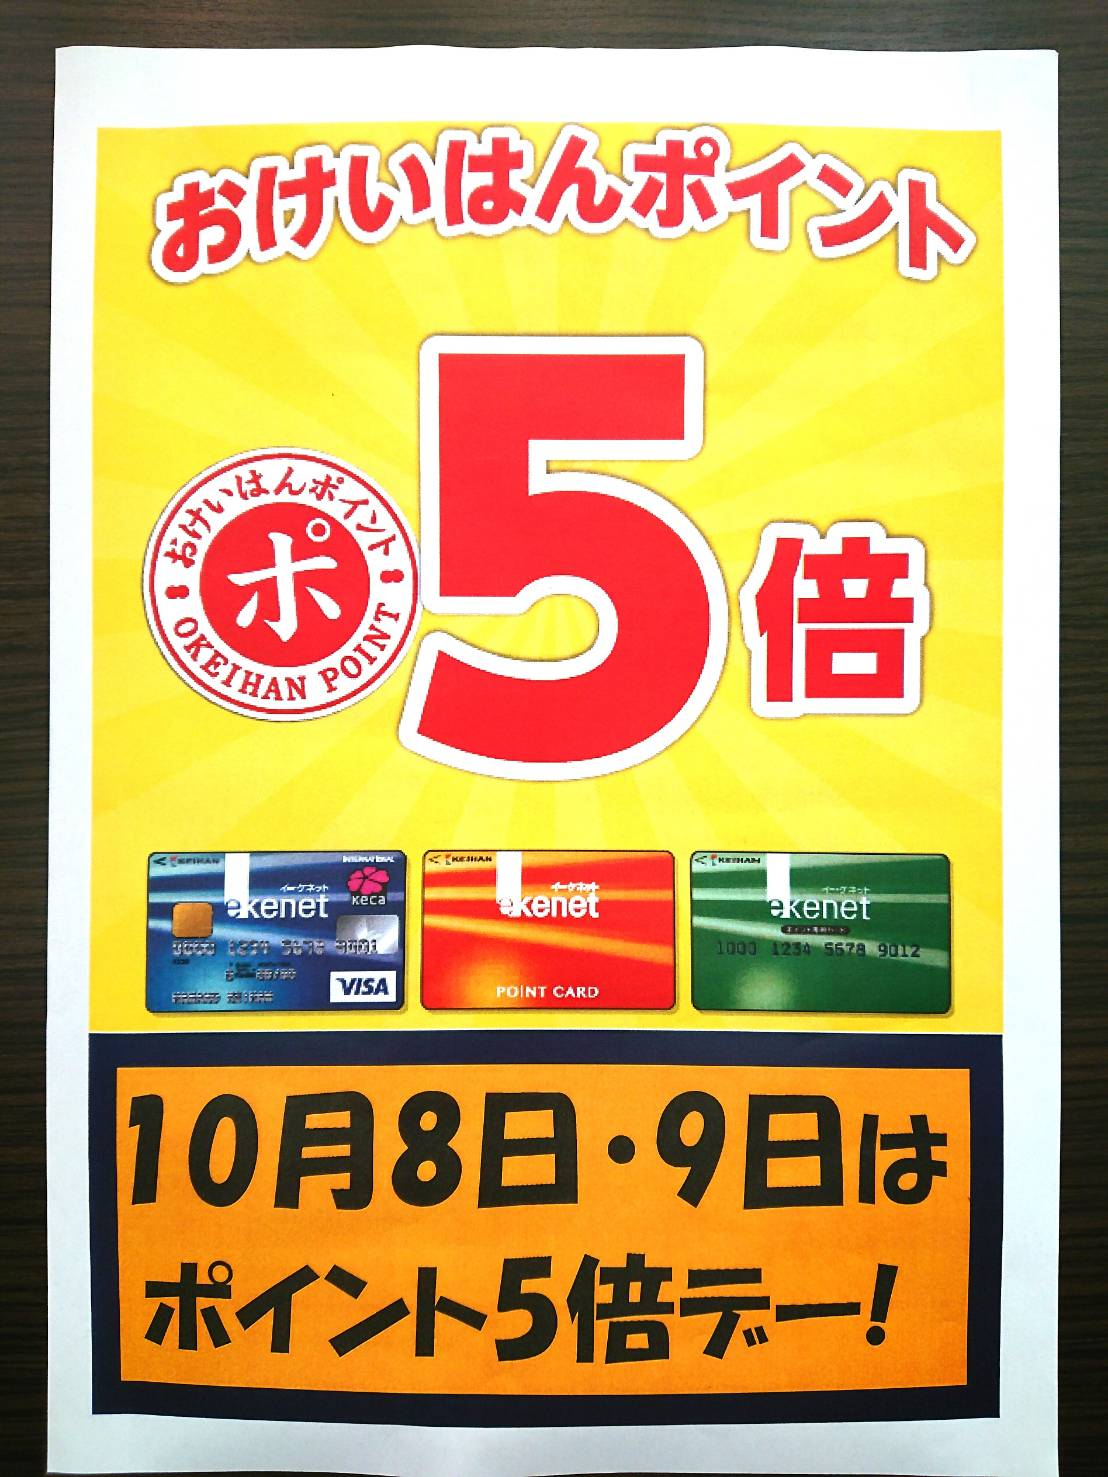 【10/8(木)~10/9(金)おけいはんポイント5倍!】